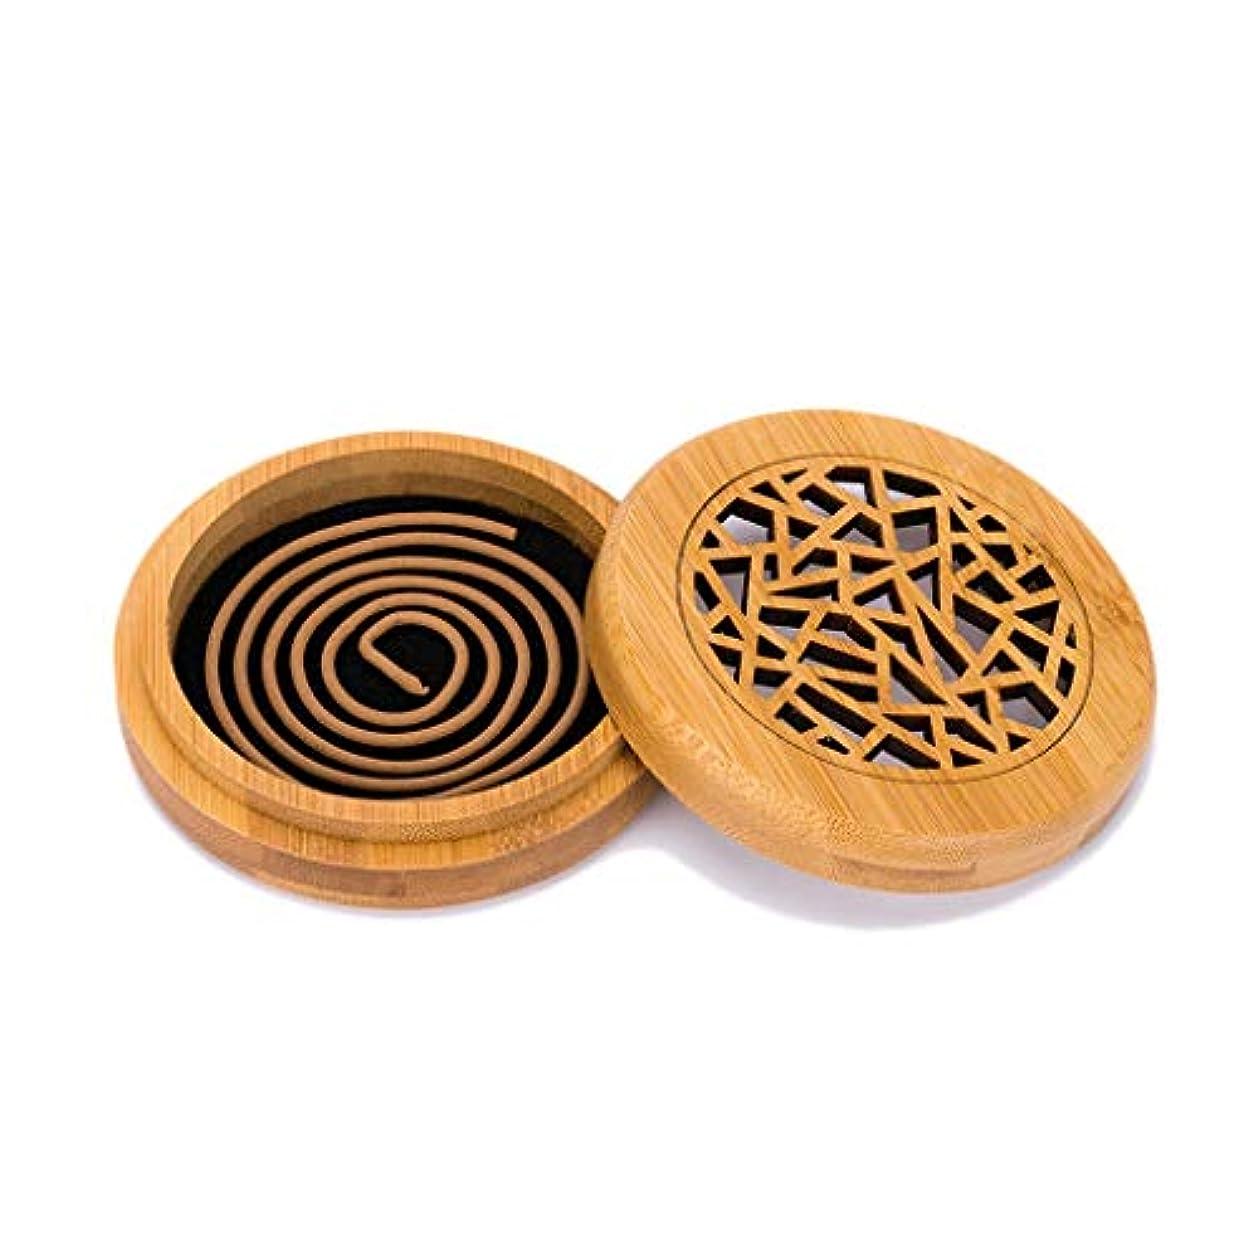 掃除暗い間違い竹の香バーナーコイルの香バーナー部屋の装飾瞑想竹の香り天然素材香ホルダー (Color : WOOD, サイズ : Round)